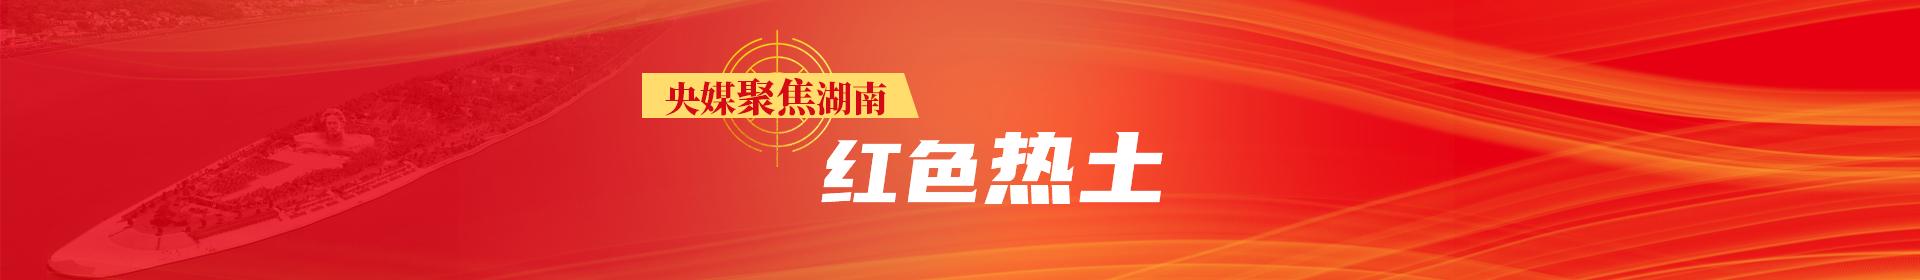 央媒聚焦湖南·红色热土